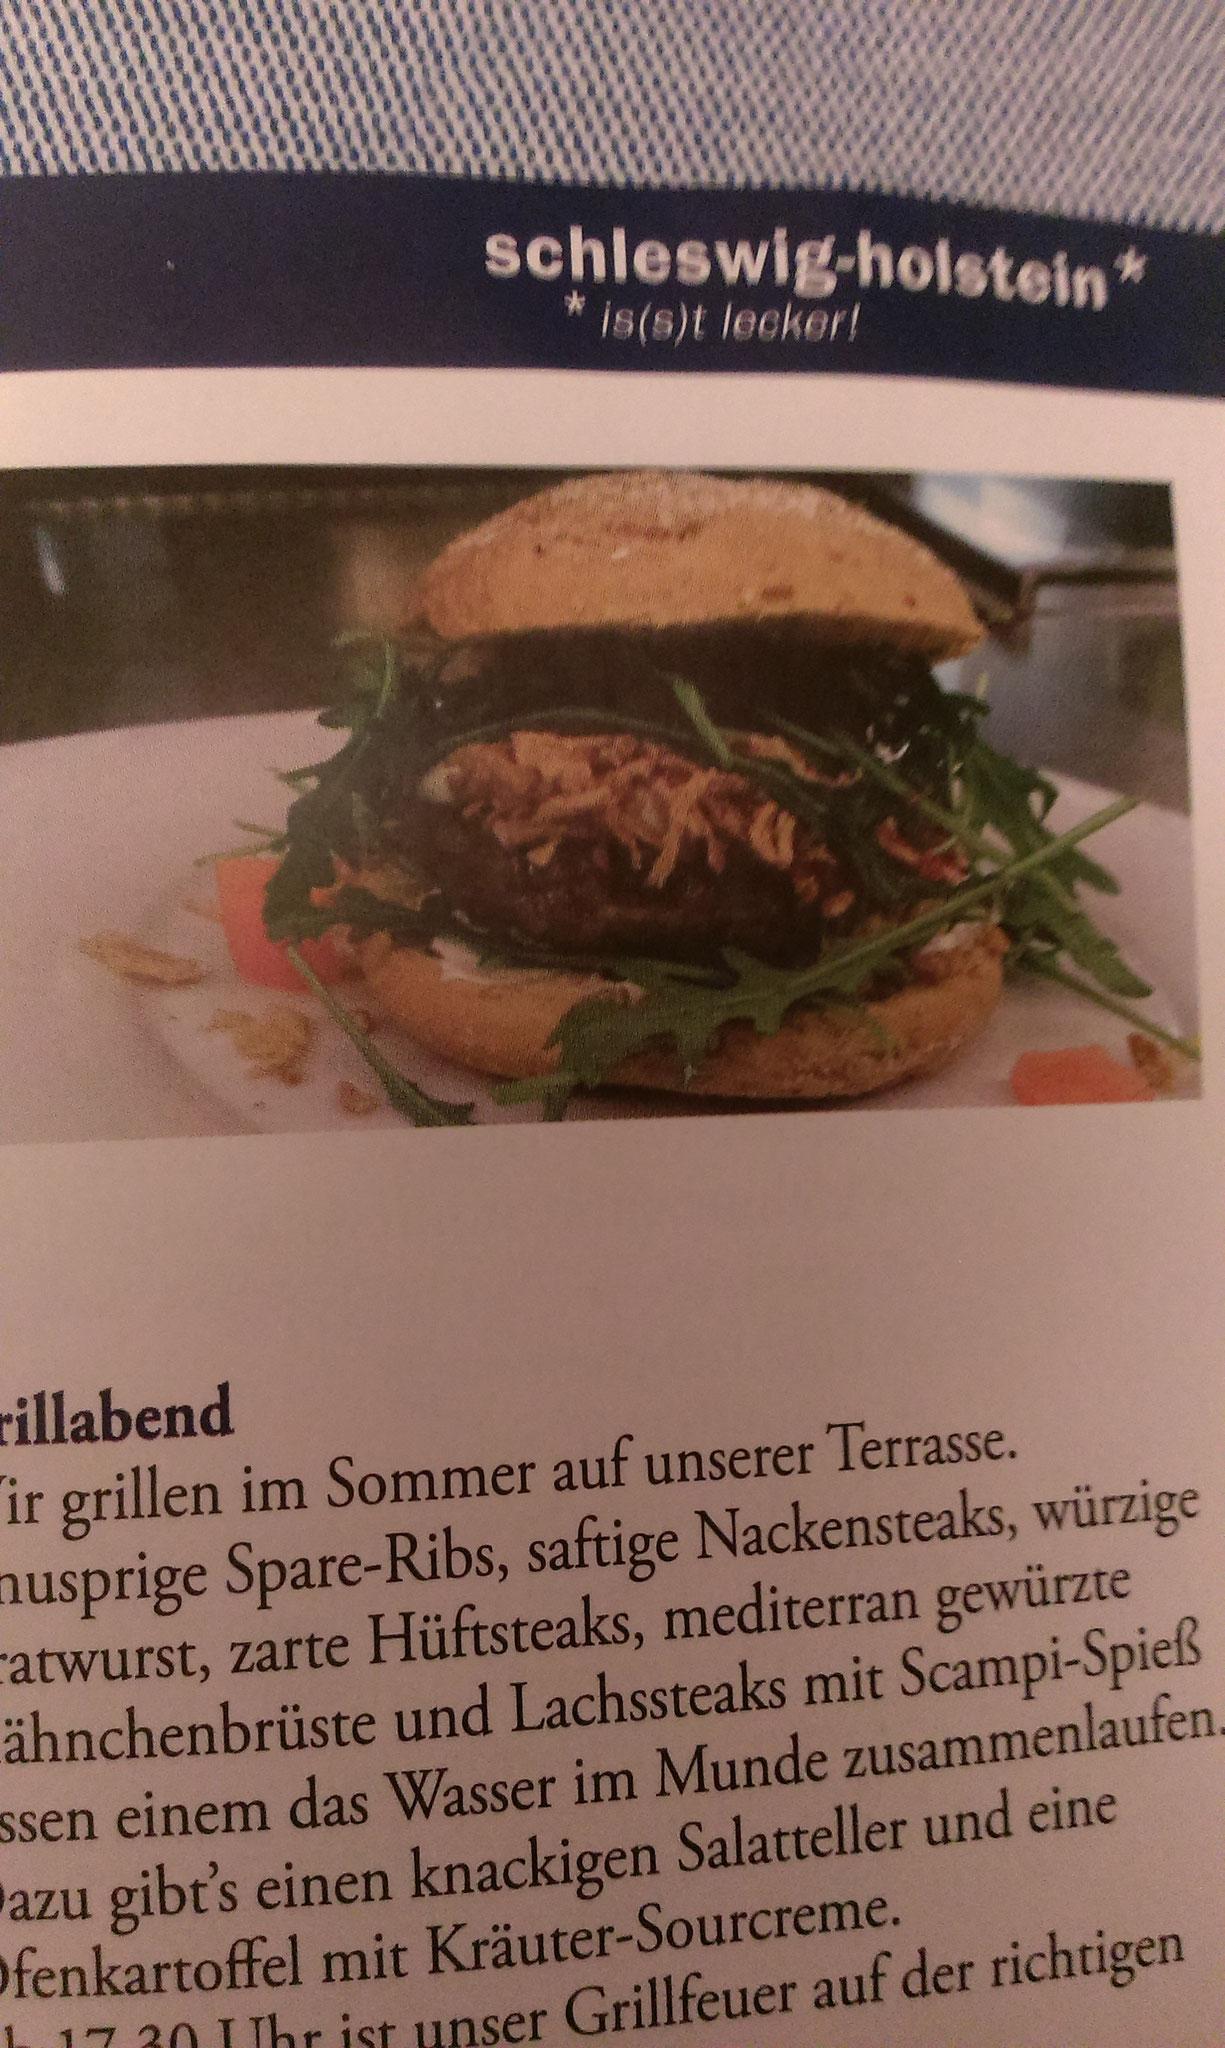 Grillen im Hotel & Restaurant Schlei Liesel mit dem Tanzen an der Schlei in Güby bei Schleswig